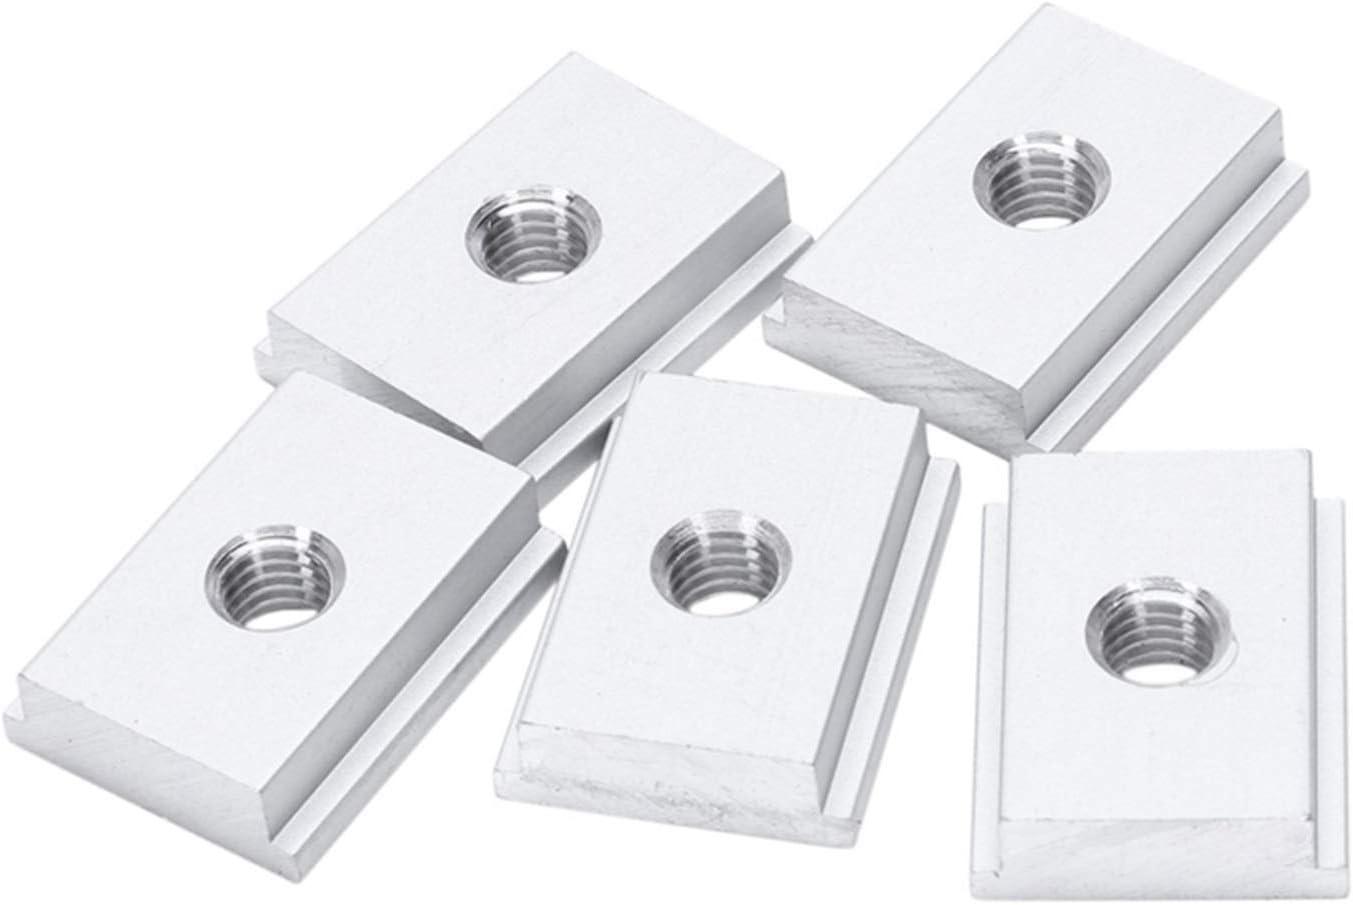 DUO ER 5Pcs M8 T-Track Slider Alloy List 5 ☆ very popular price Aluminum Slot Sliding Nut T